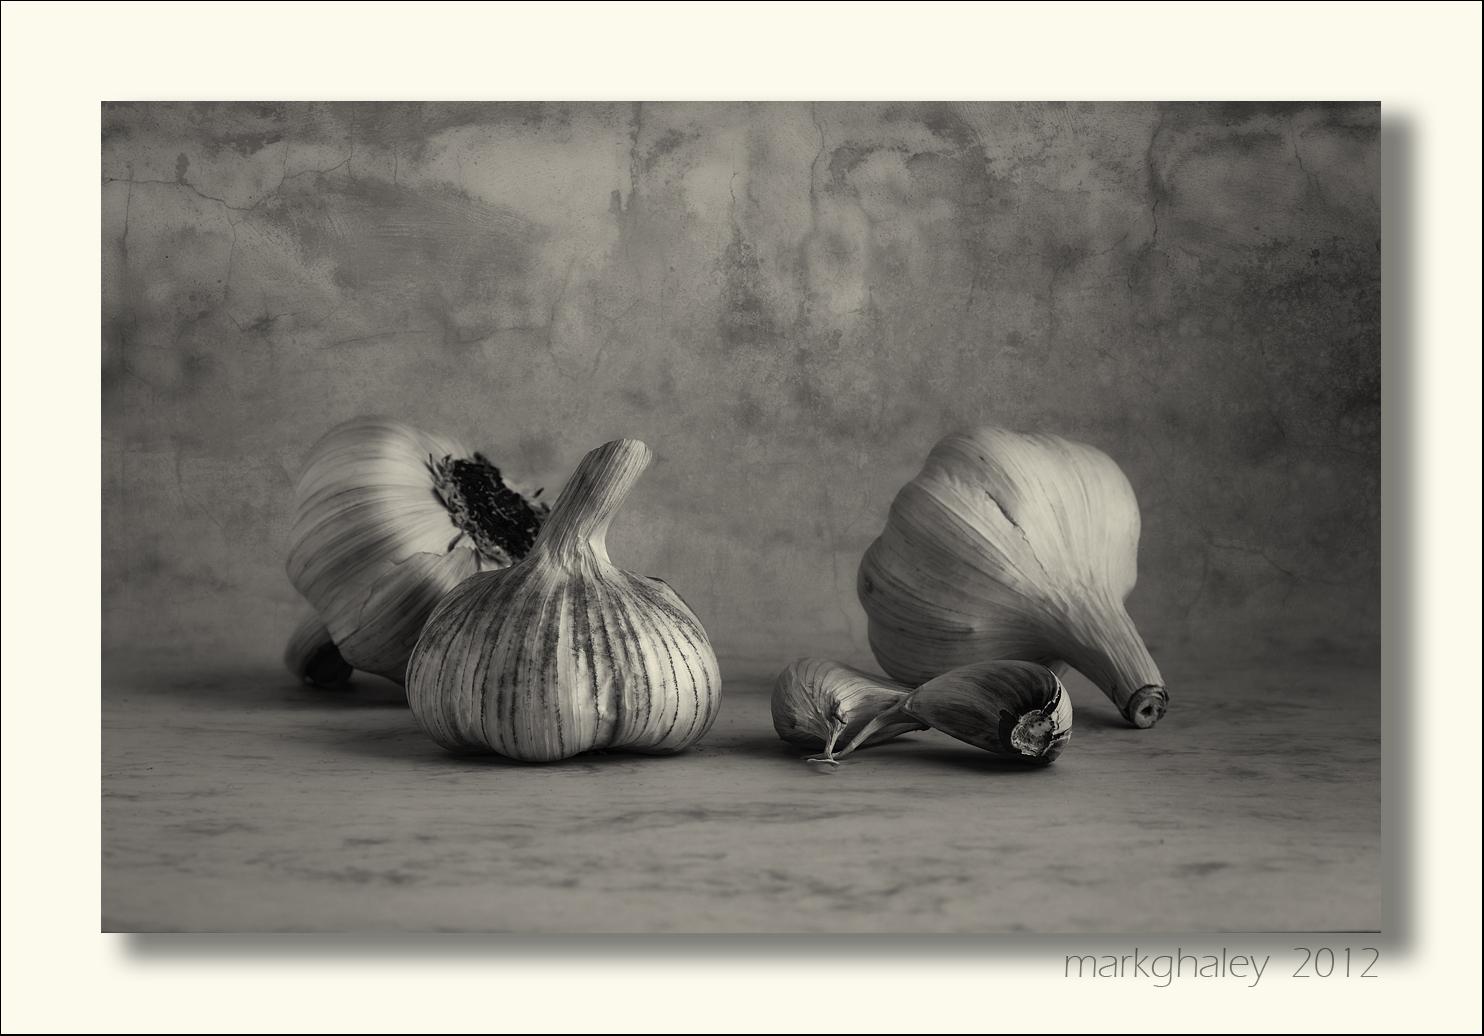 Spanish Garlic Still Life in B+W